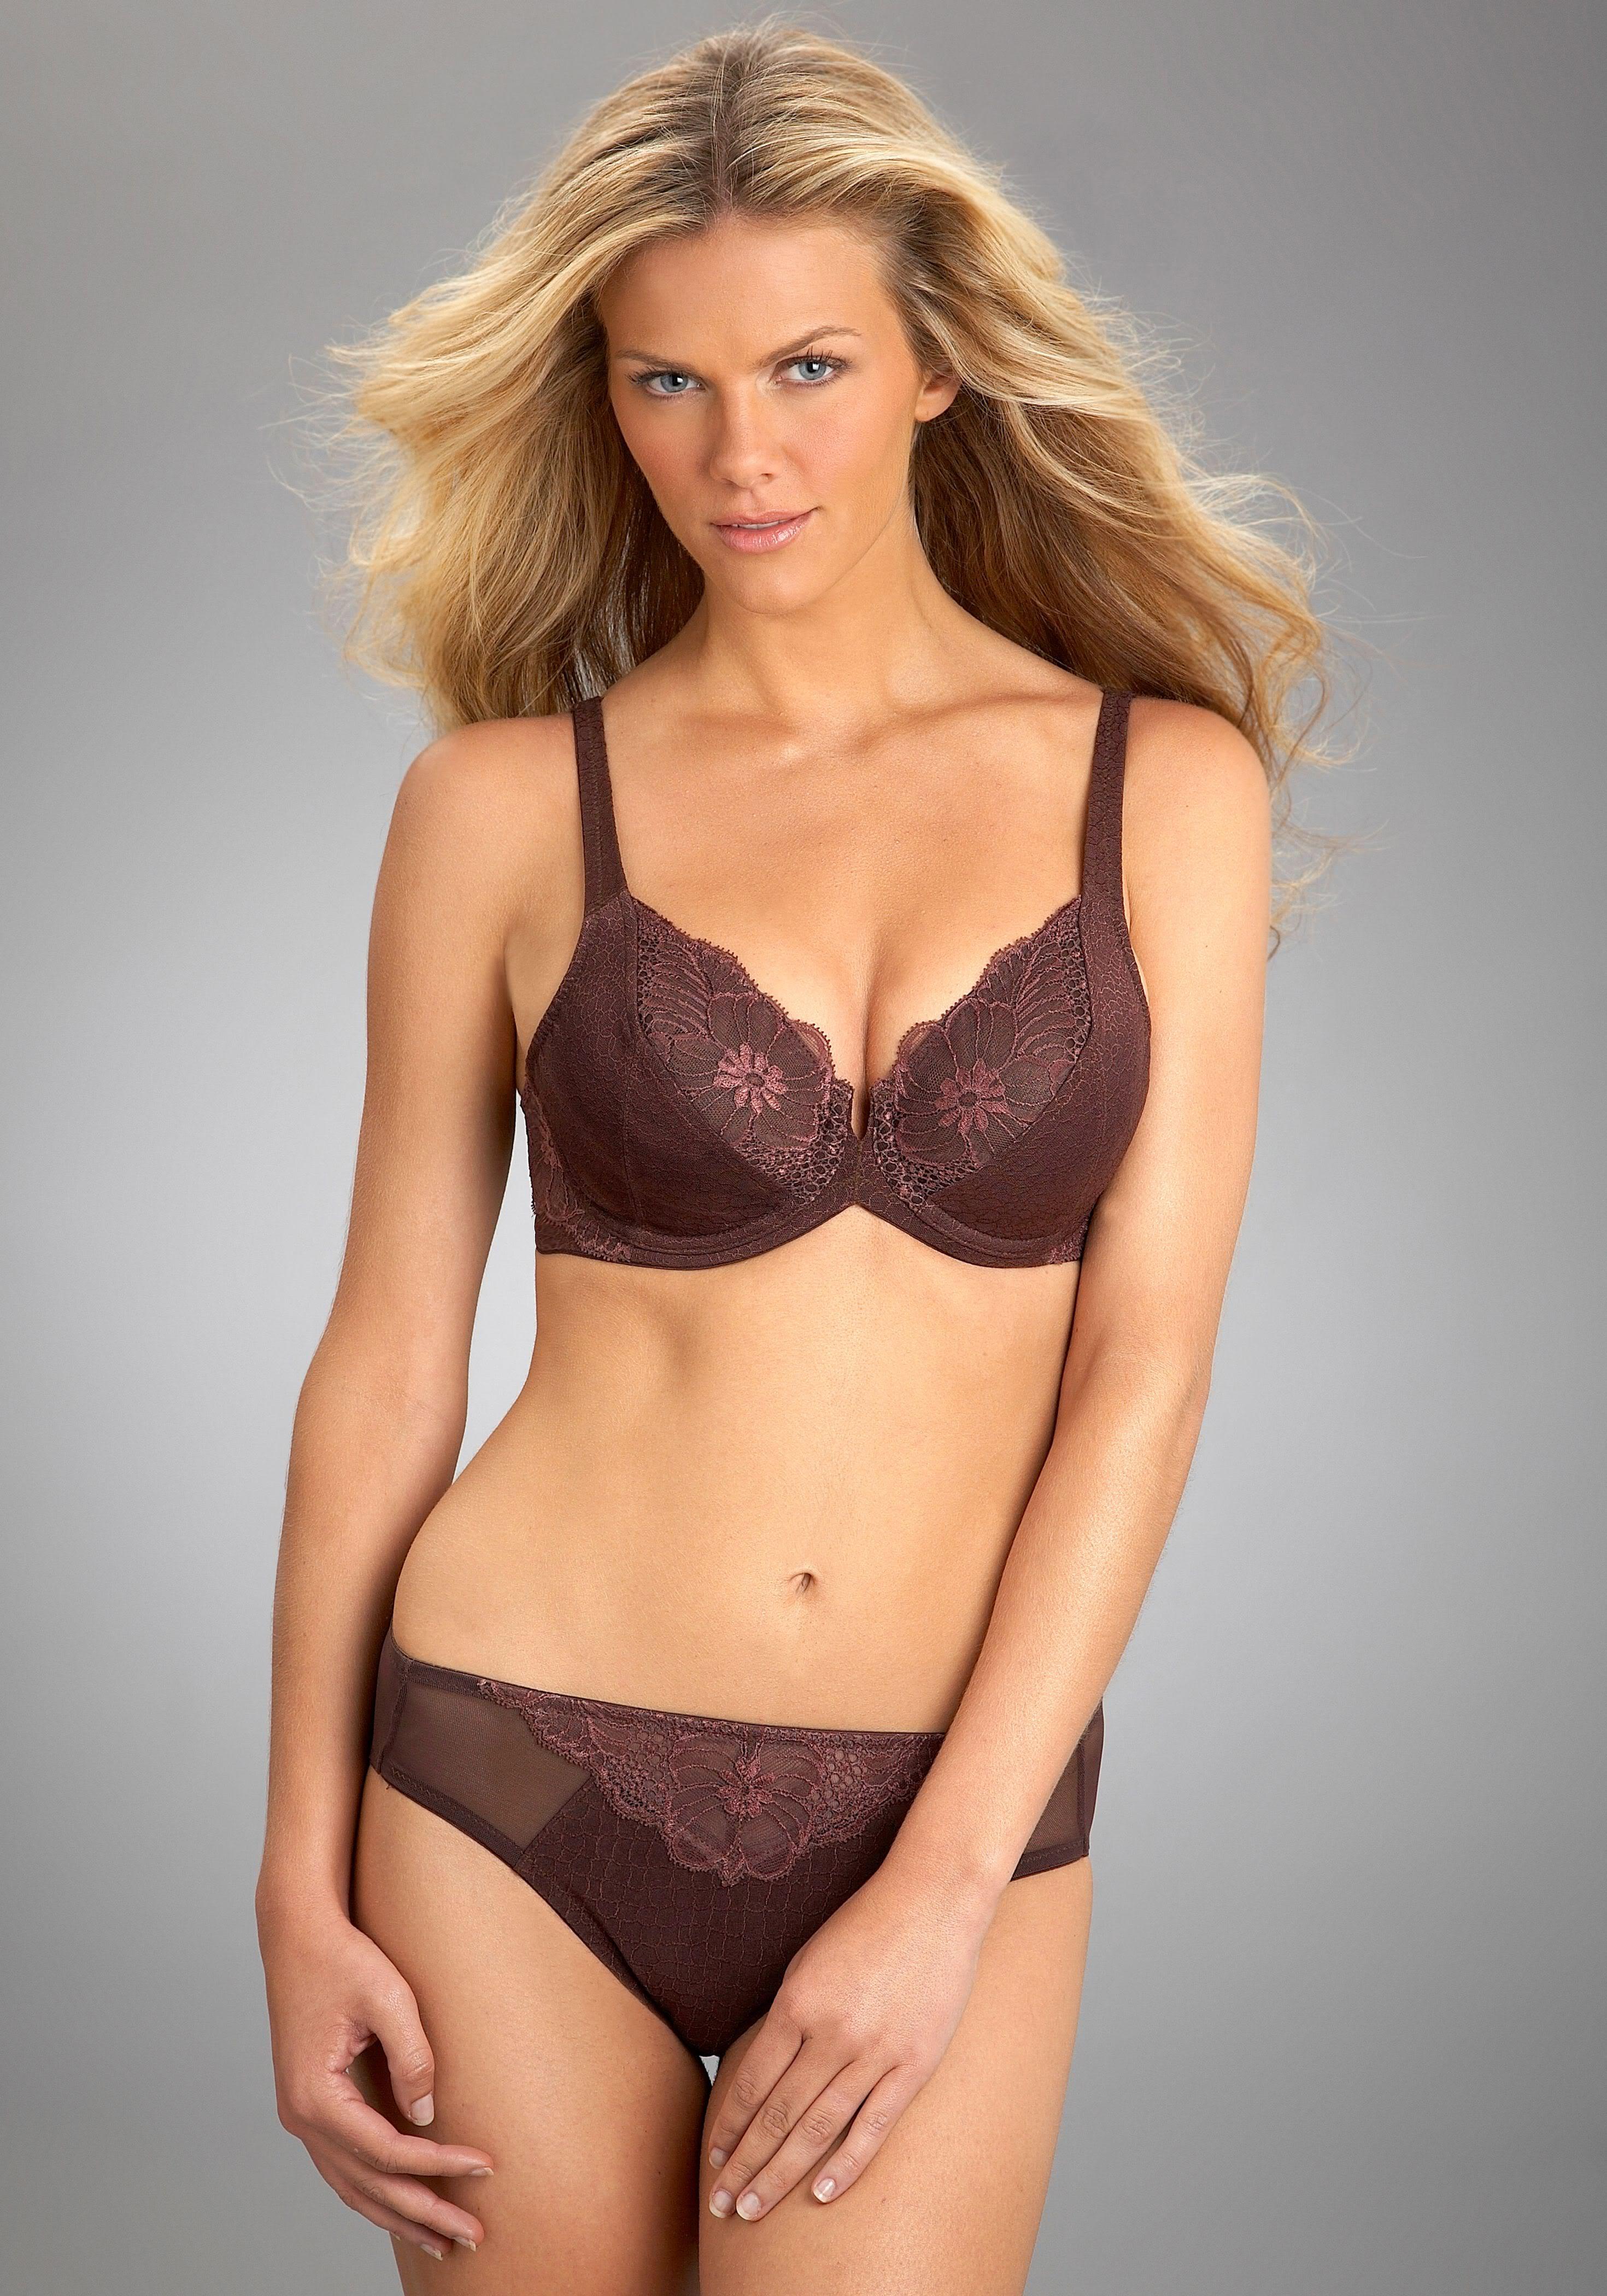 Matt's models brooklyn hentia images